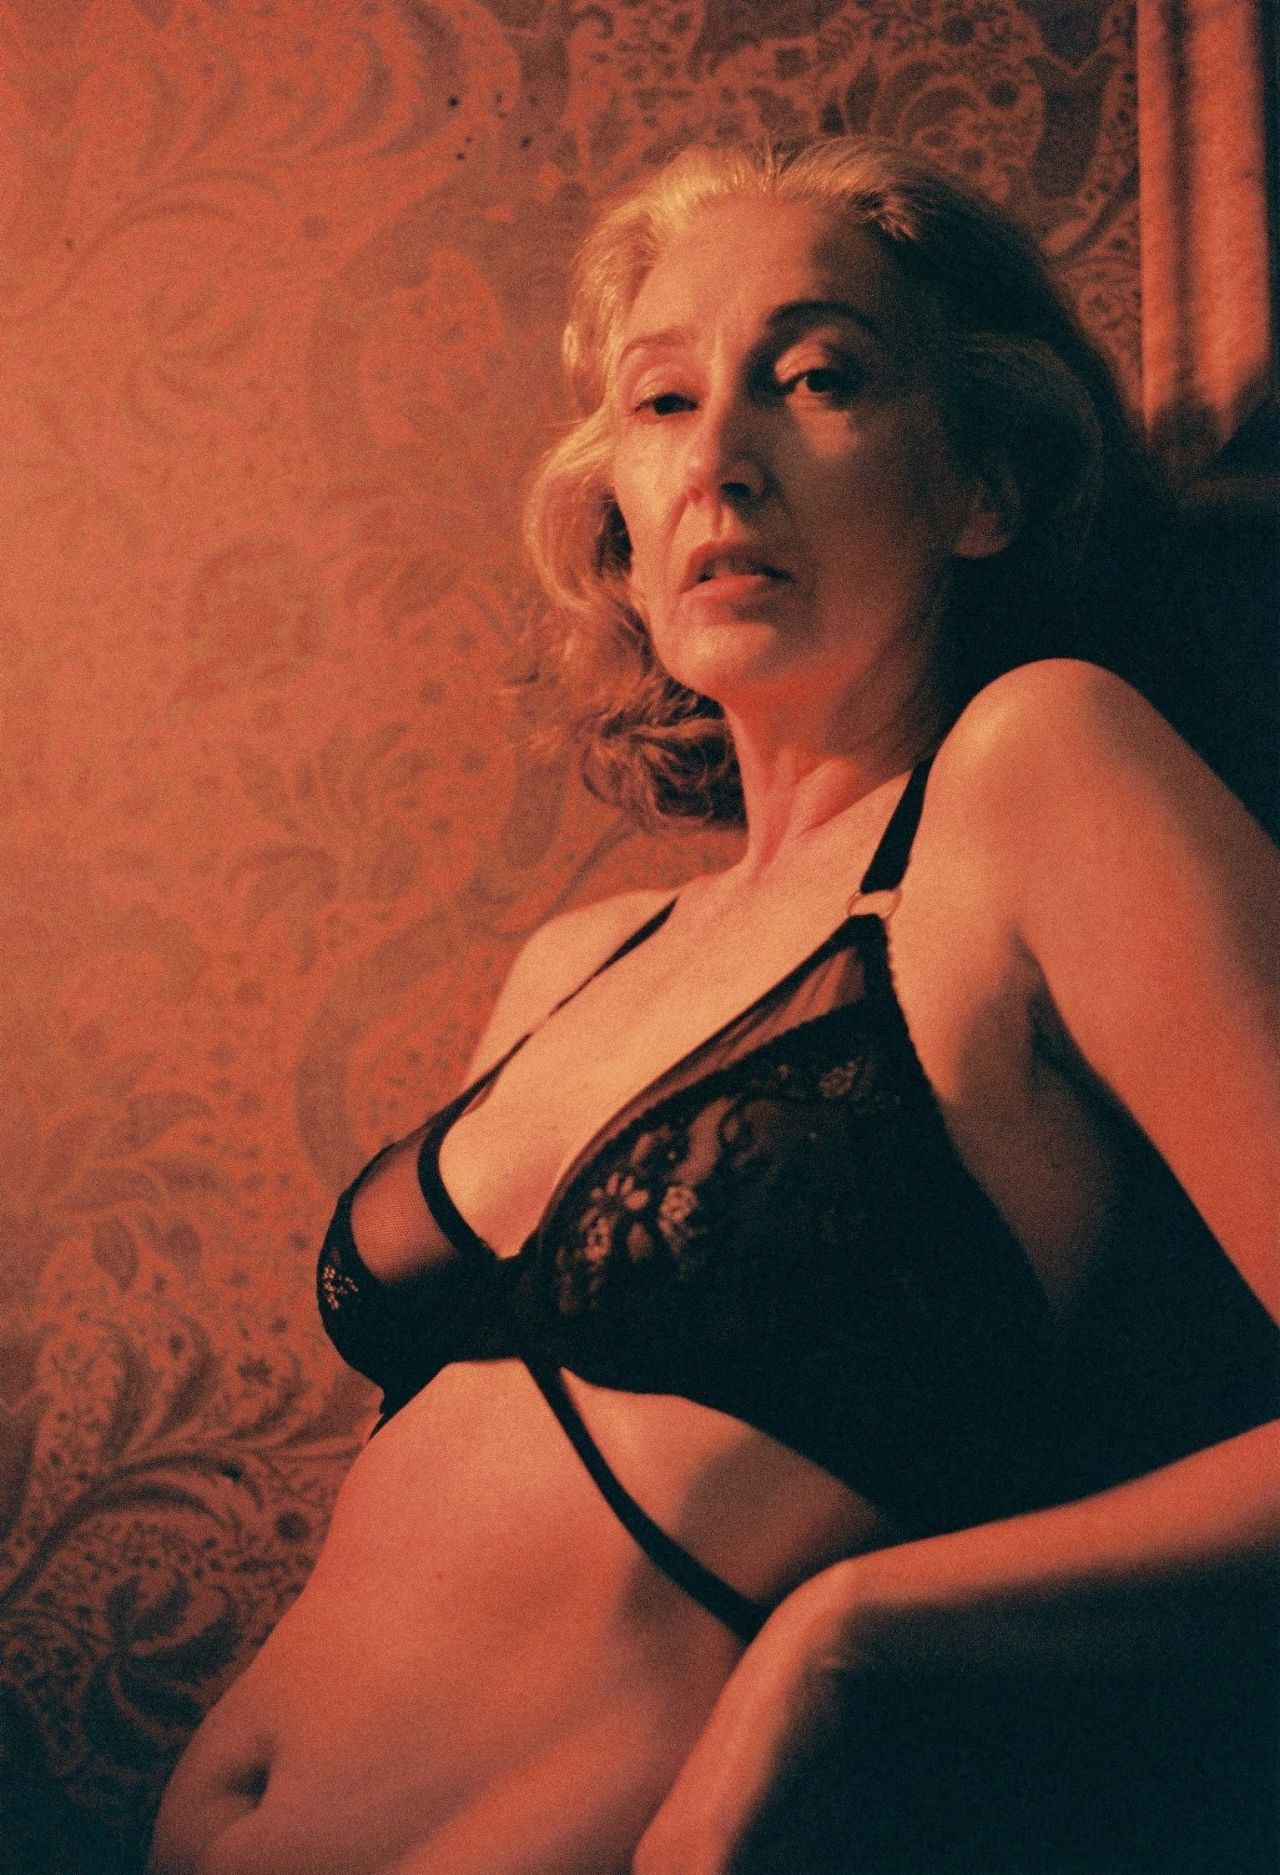 Amatuer big boobs from behind